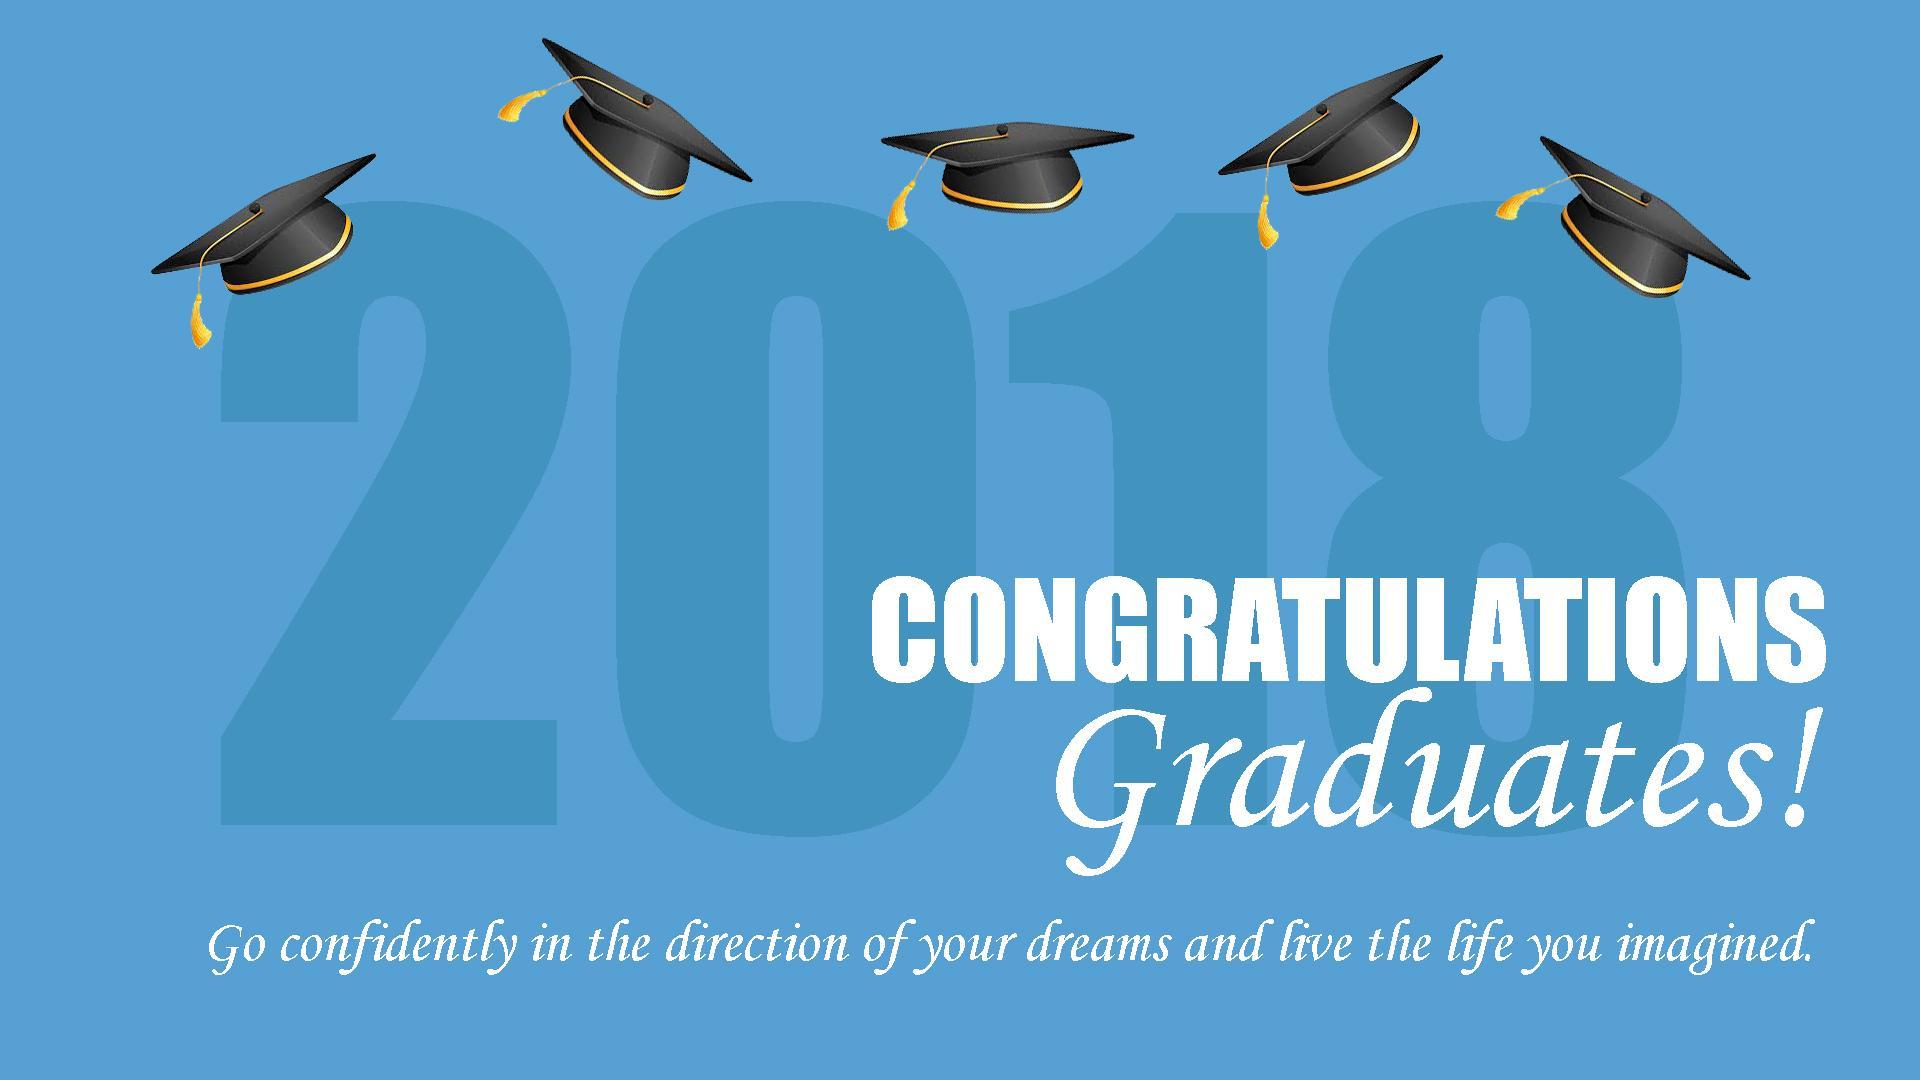 Congratulations Graduates Class of 2018!